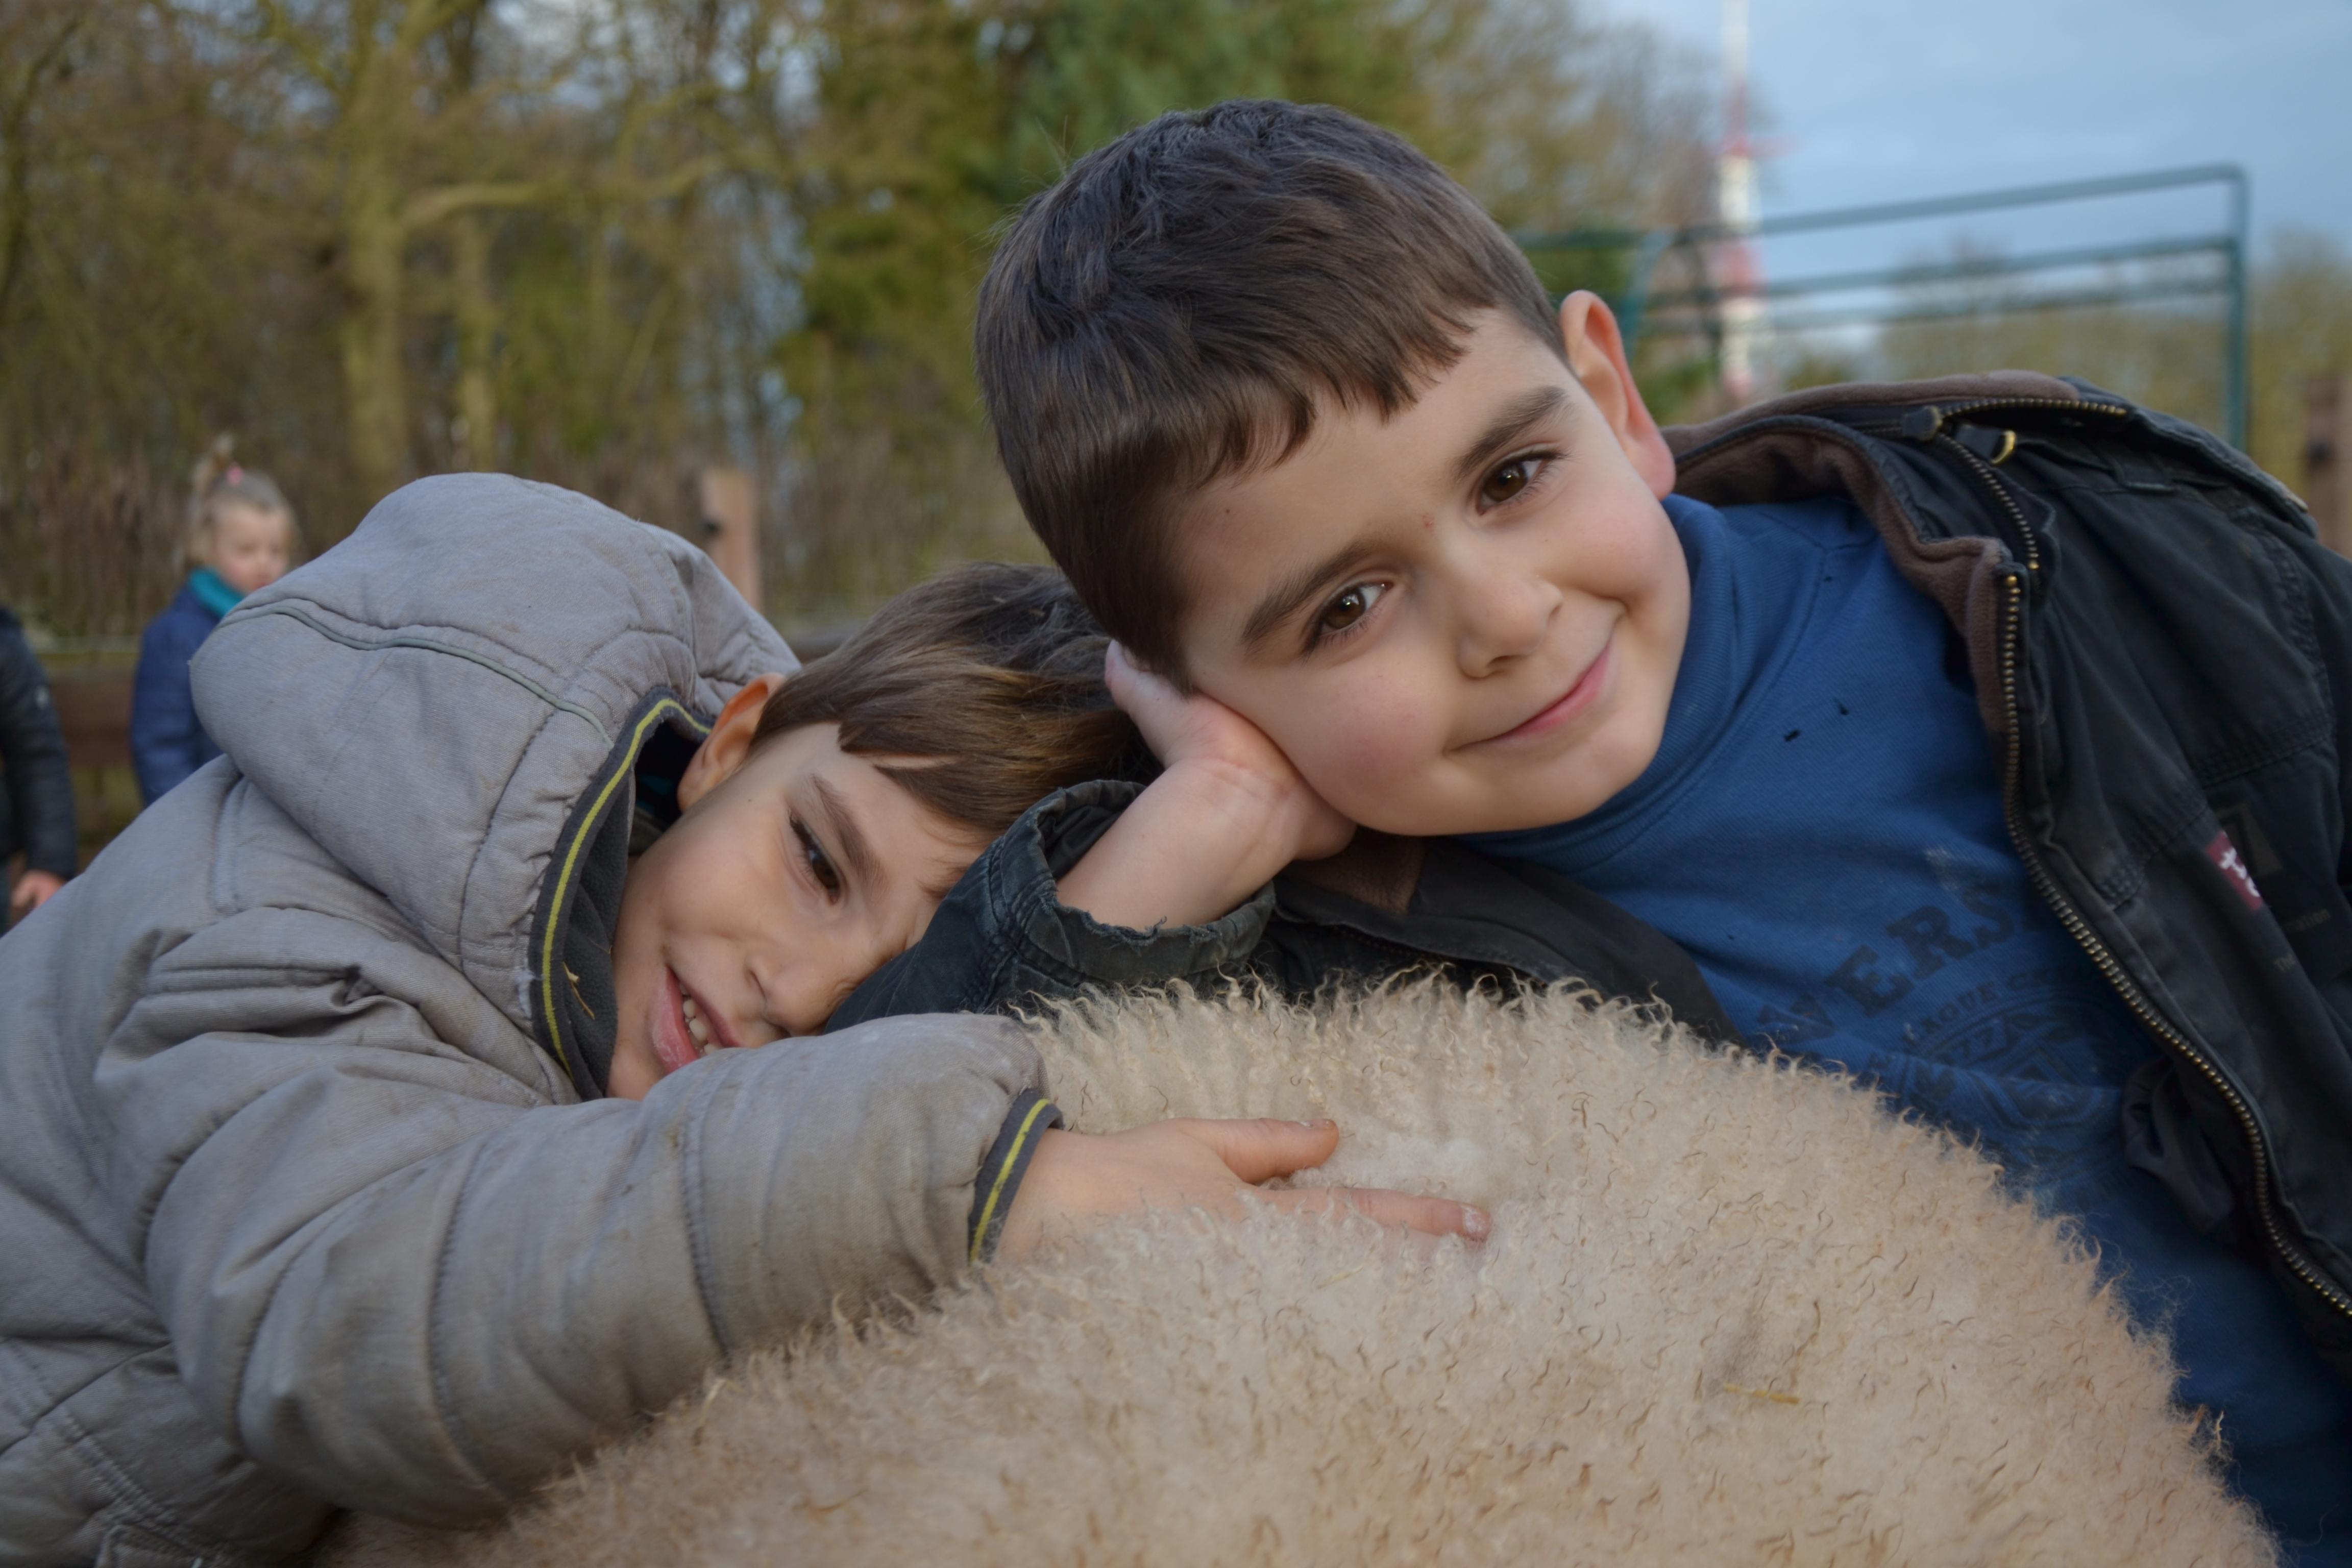 Les enfants découvrent par leurs différents sens la laine du mouton